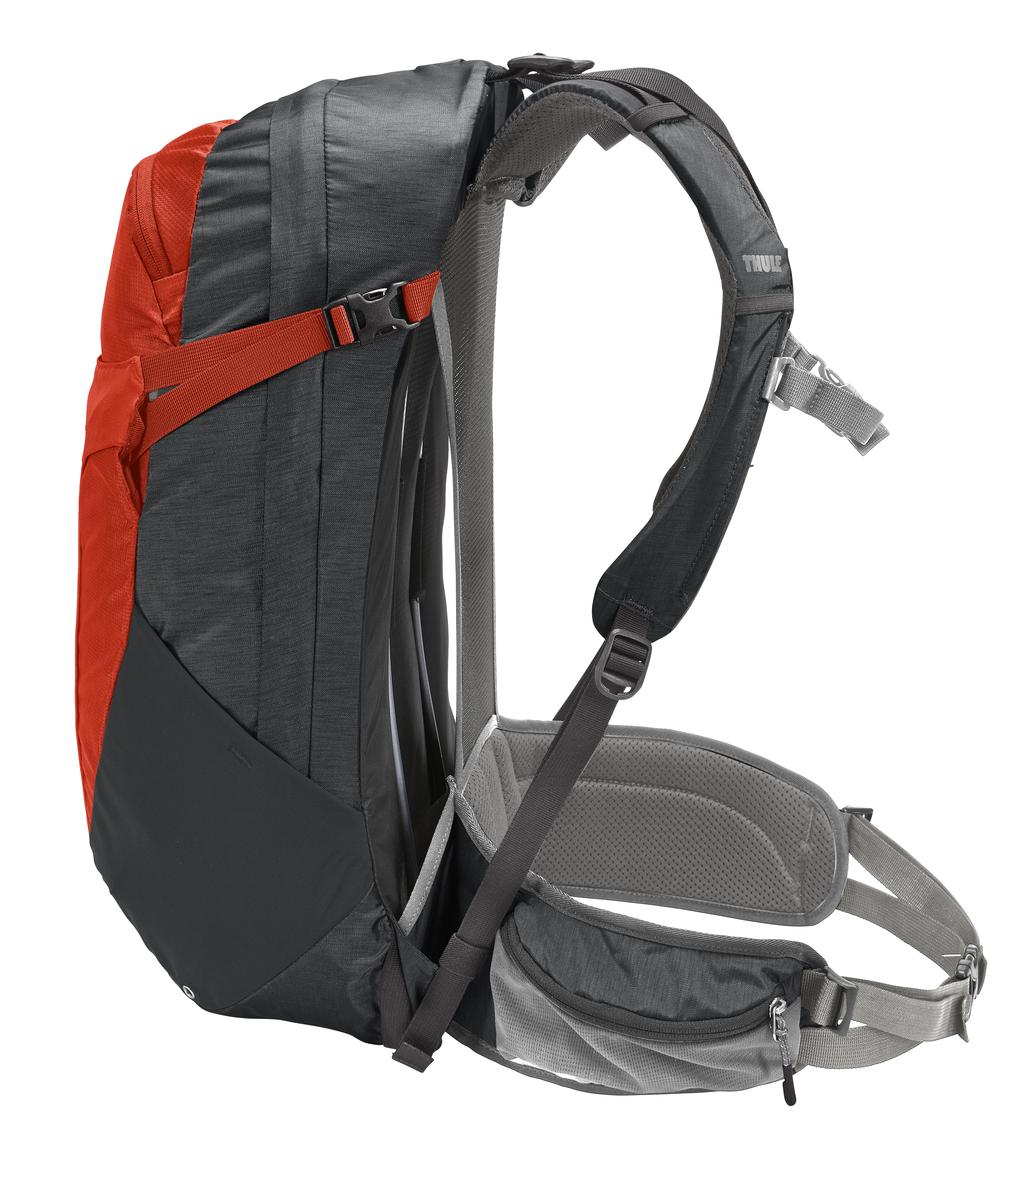 """Рюкзак мужской Thule """"Capstone"""", цвет: оранжевый, серый, 22 л. 207404"""